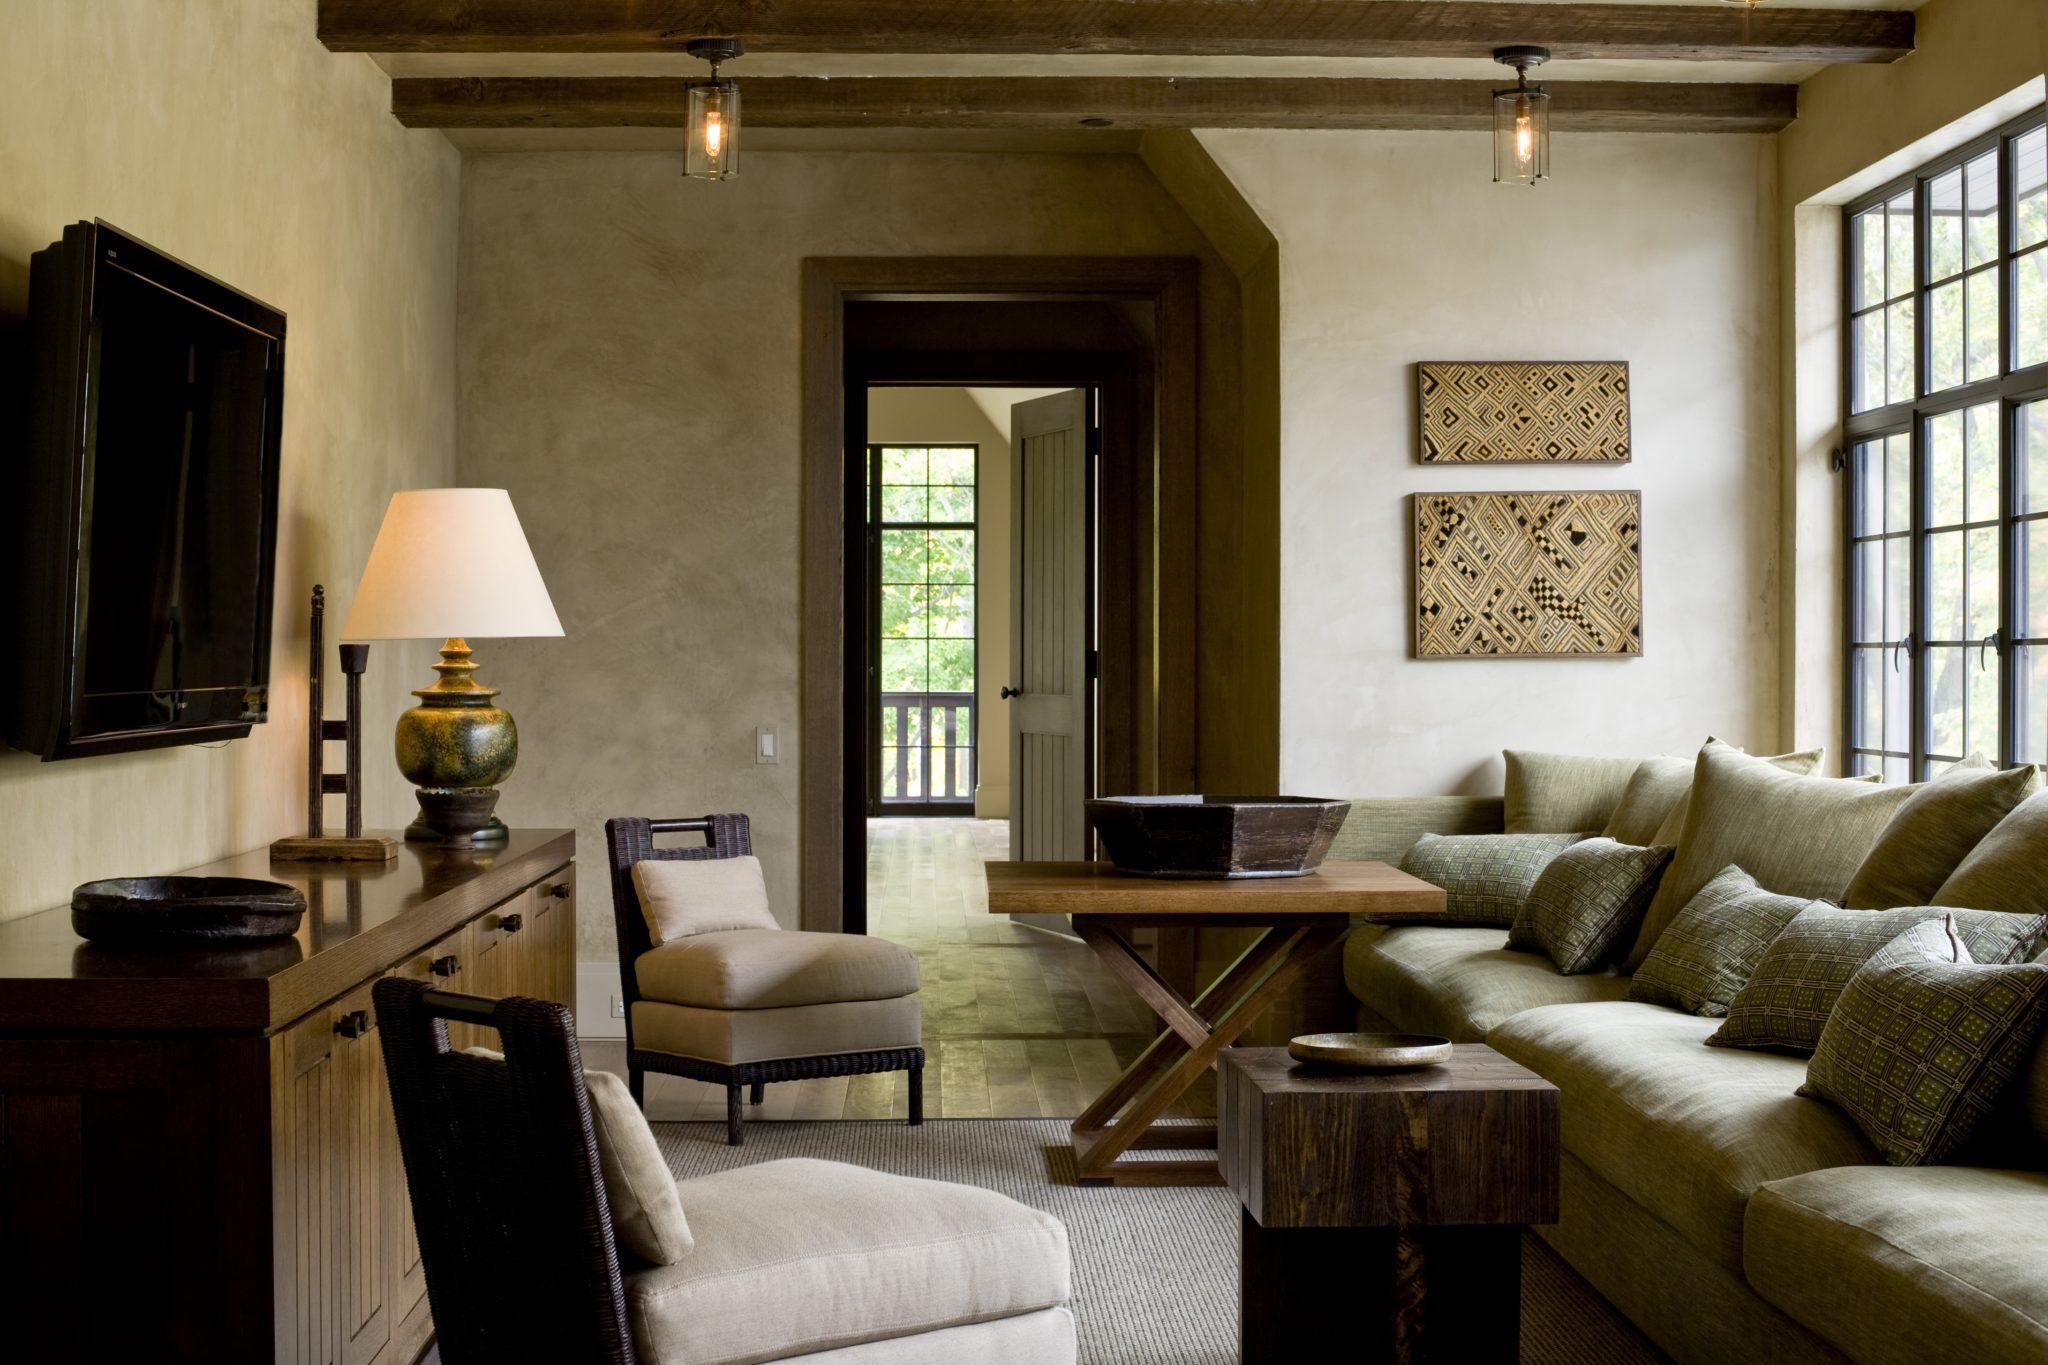 Interior design byGlenn Gissler